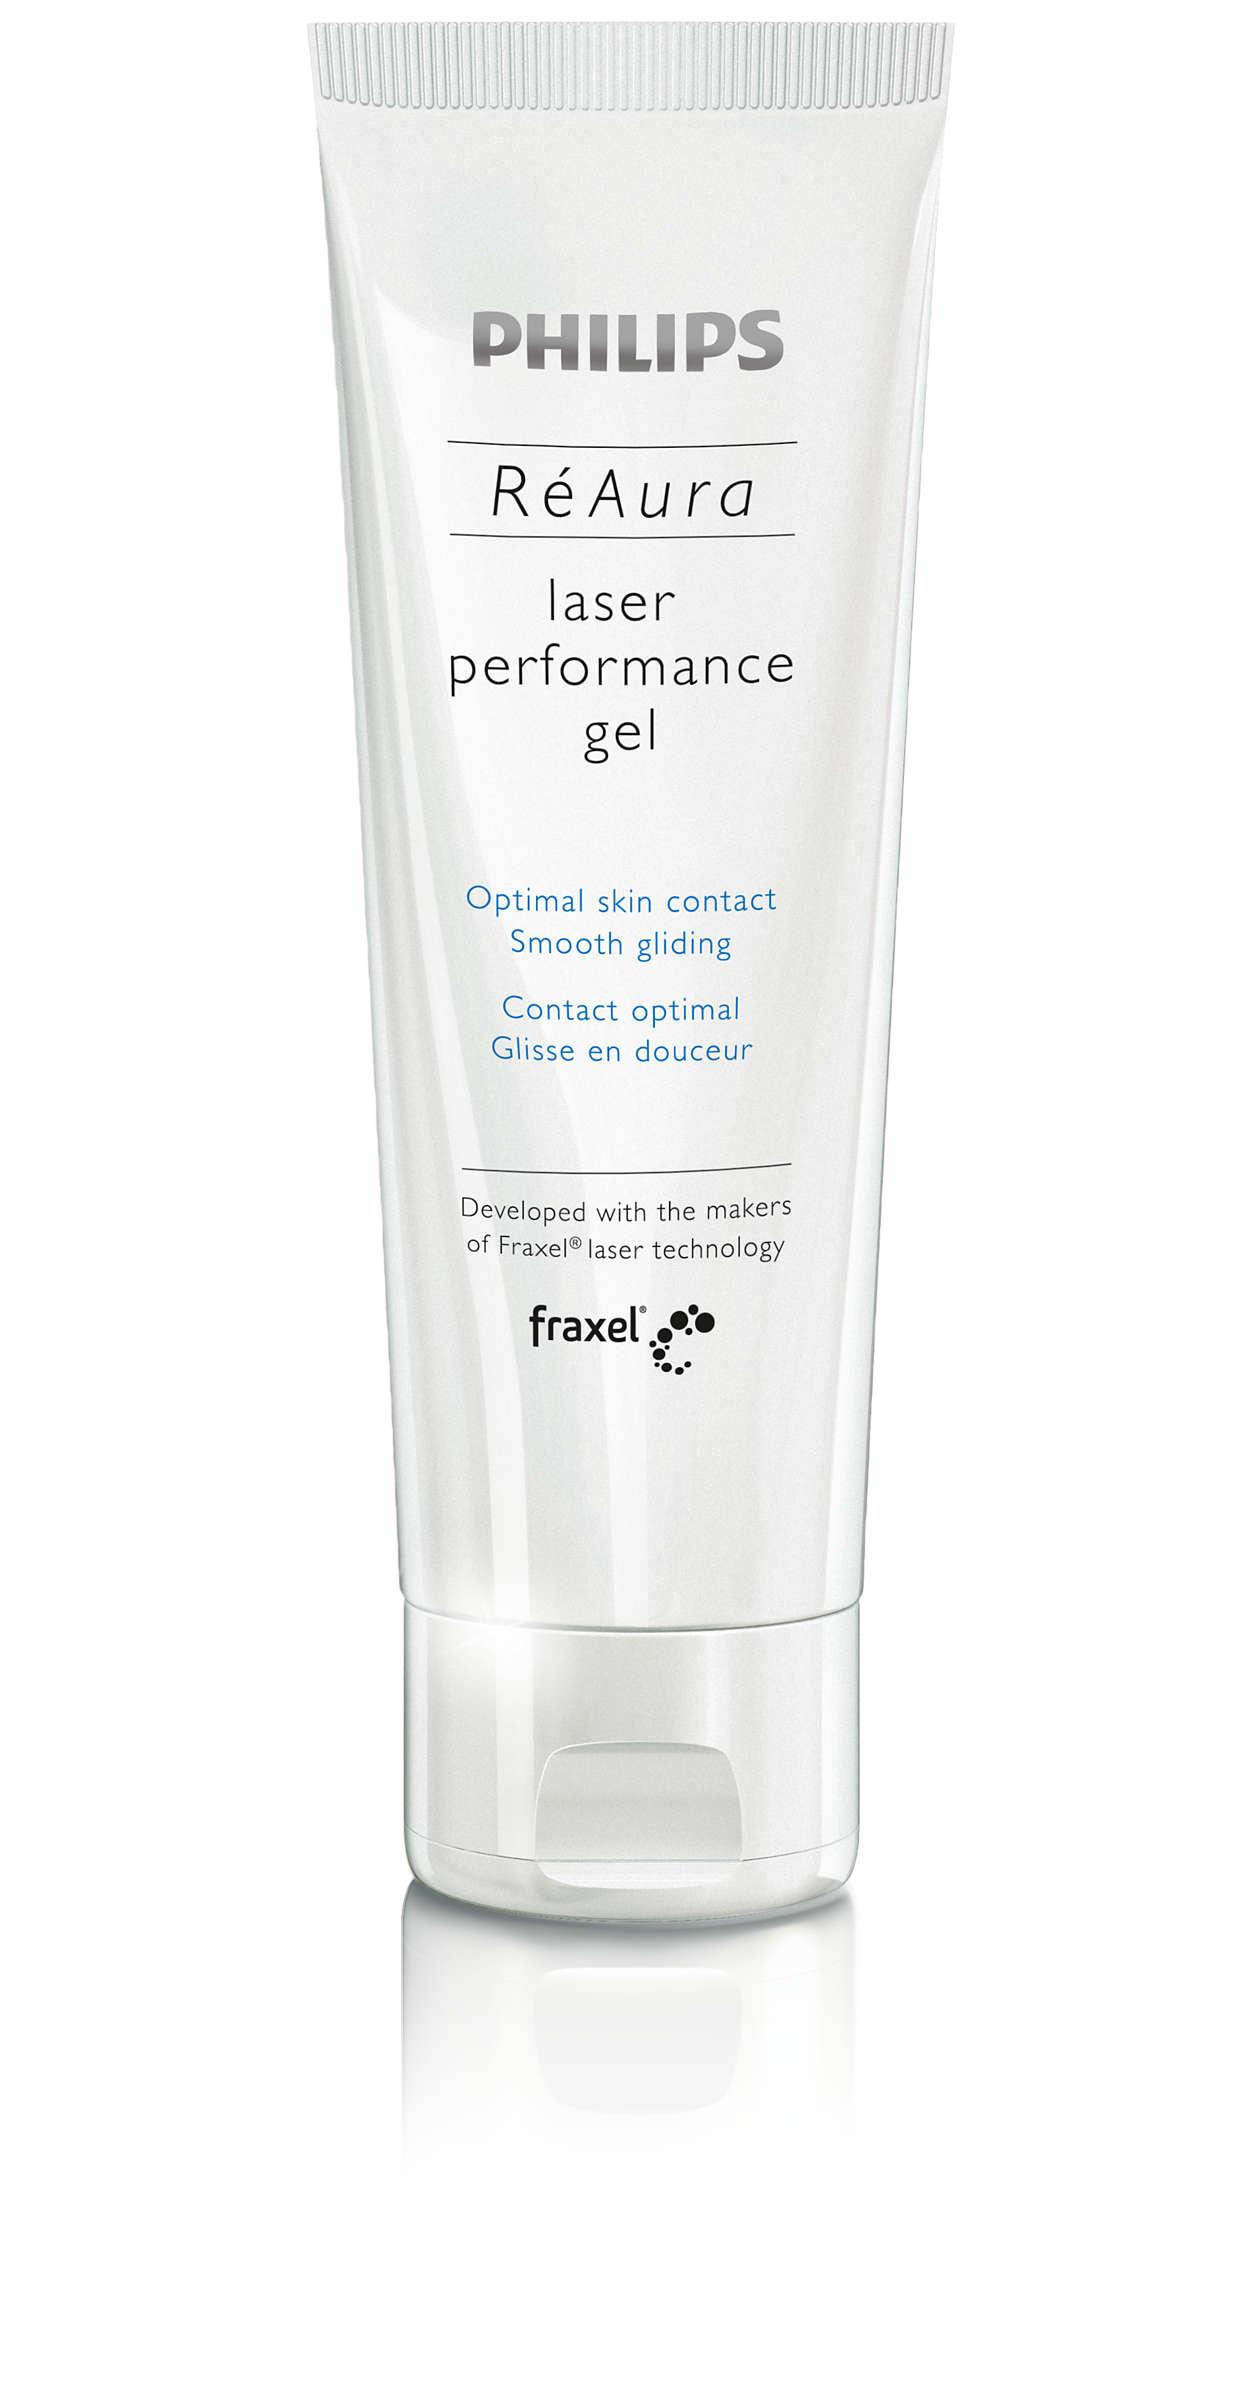 Optimaler Kontakt mit der Haut und gute Gleitfähigkeit